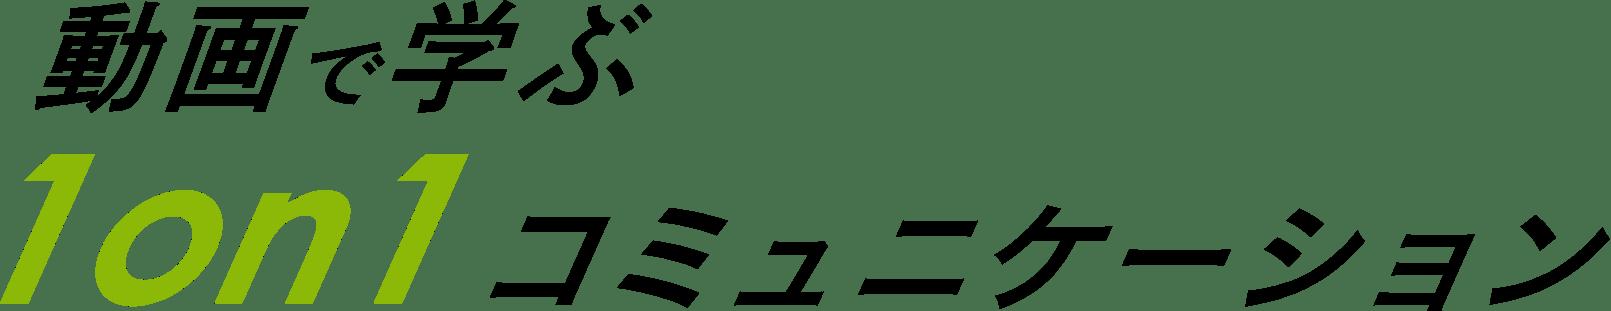 世古詞一式1on1ミーティング-動画コンテンツサービス